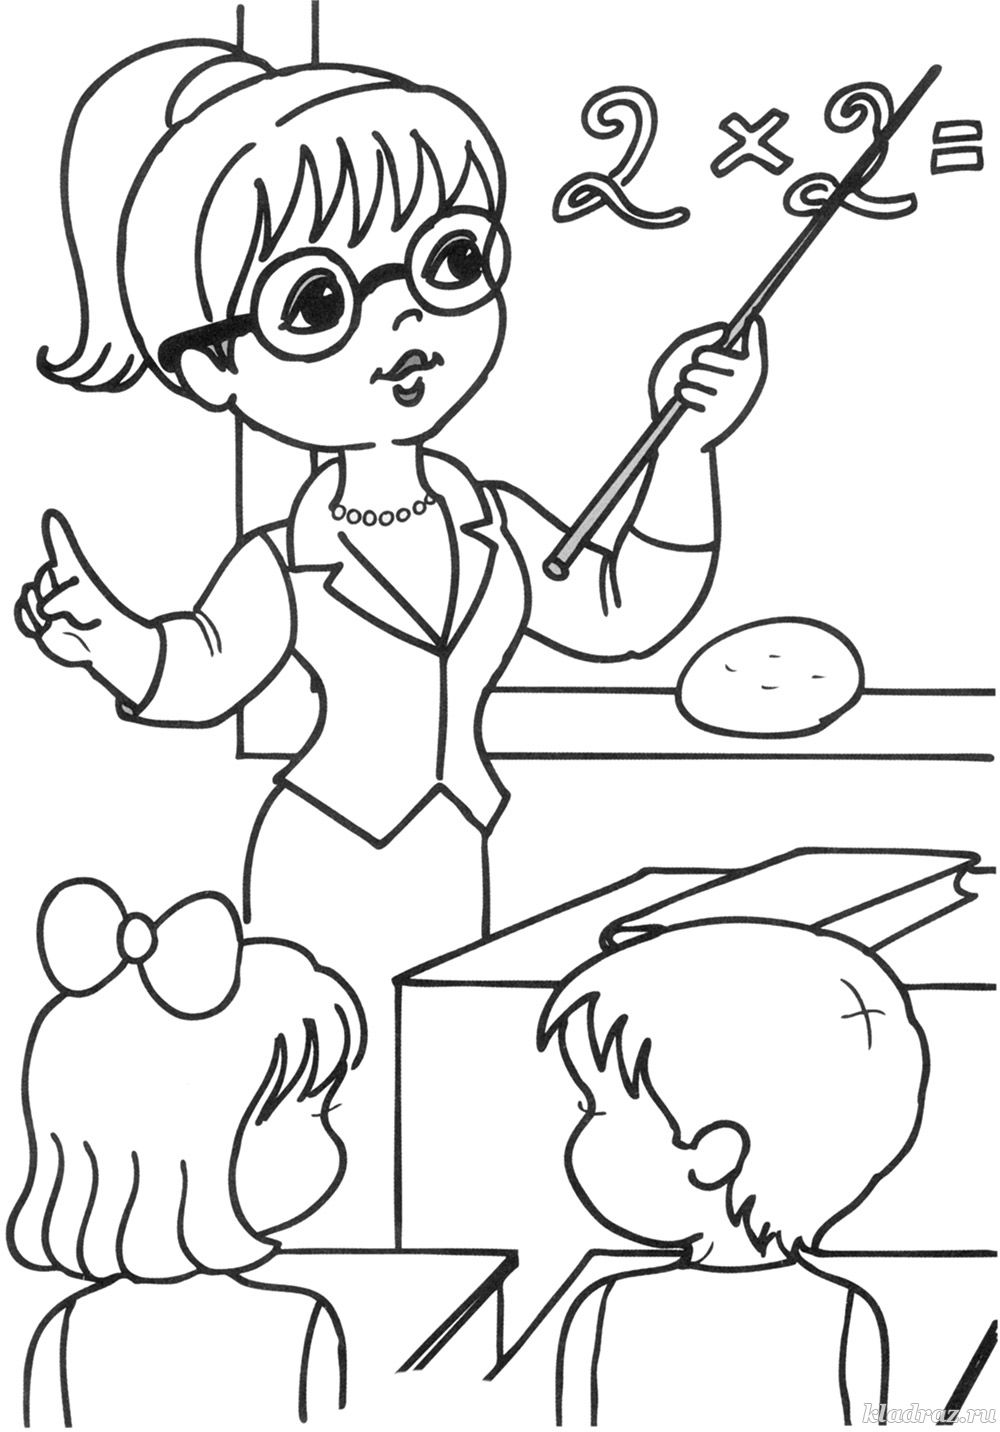 Раскраска для детей 5-7 лет. Профессия учитель